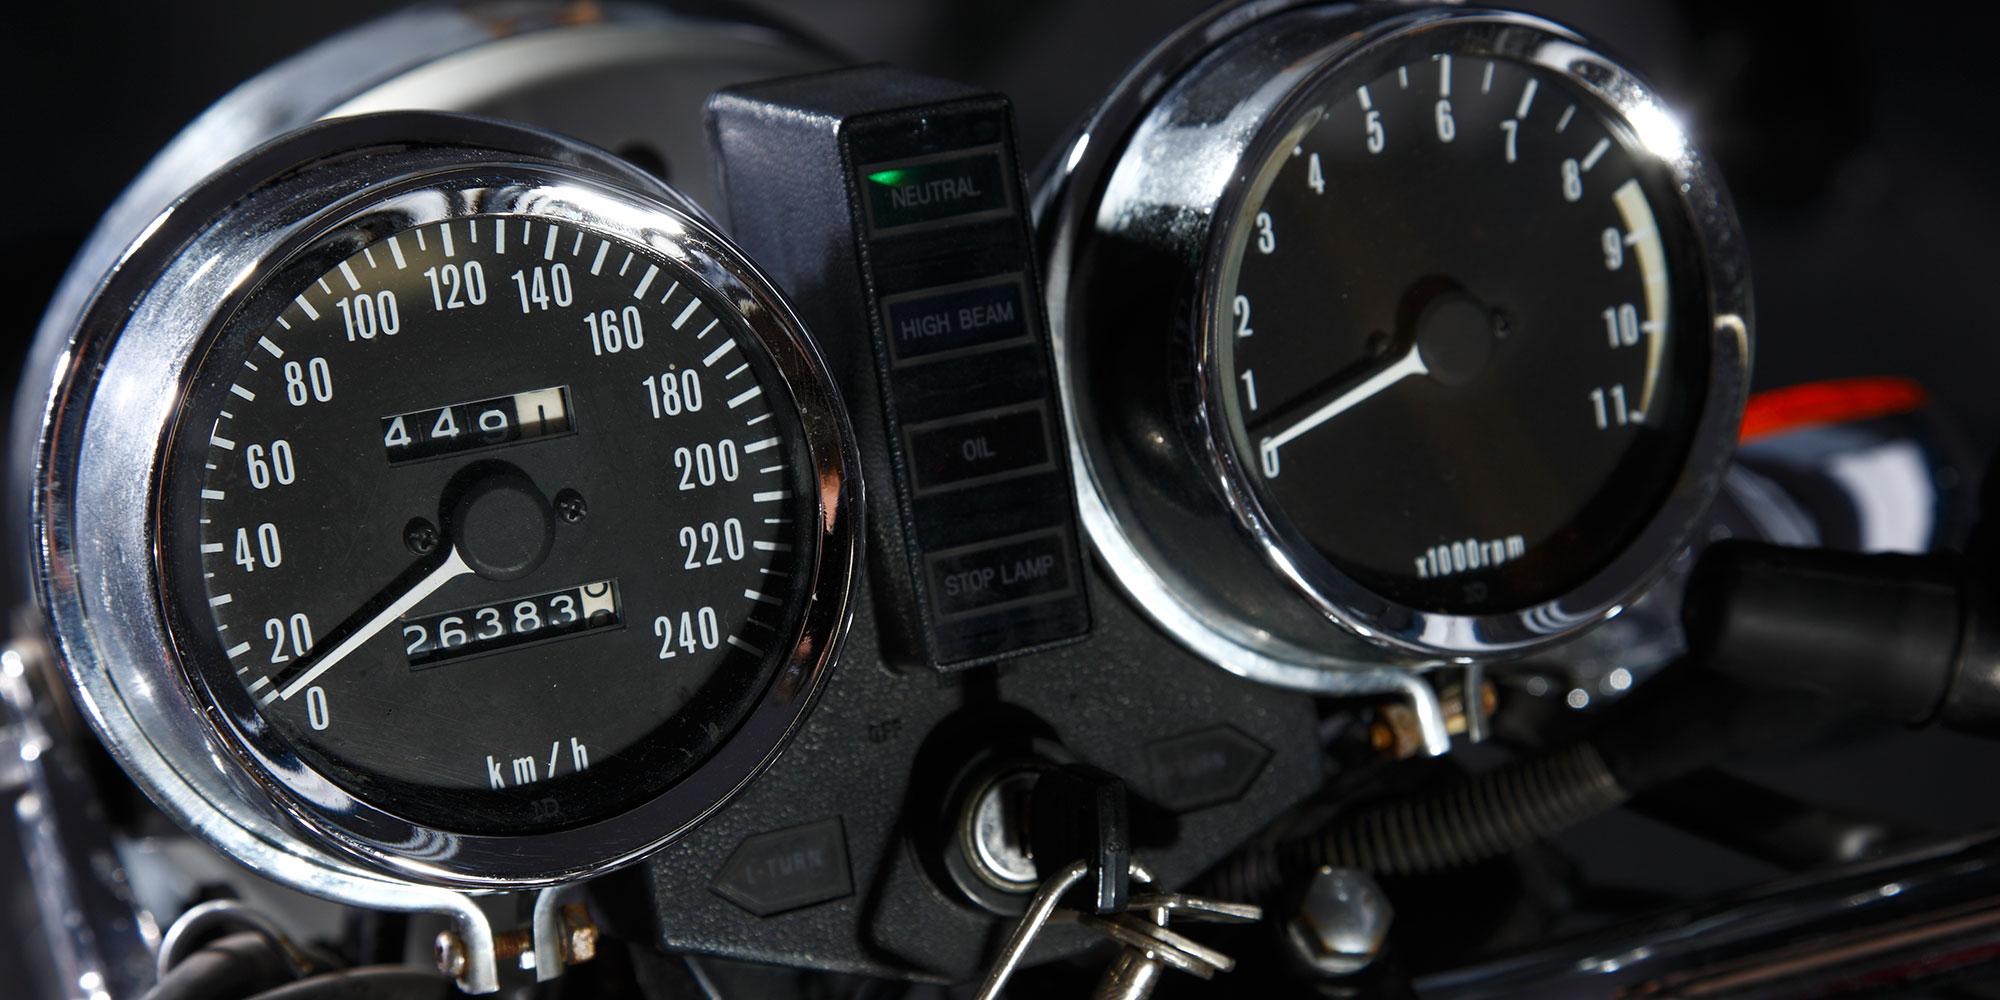 Kwasaki Z 1000 MK2